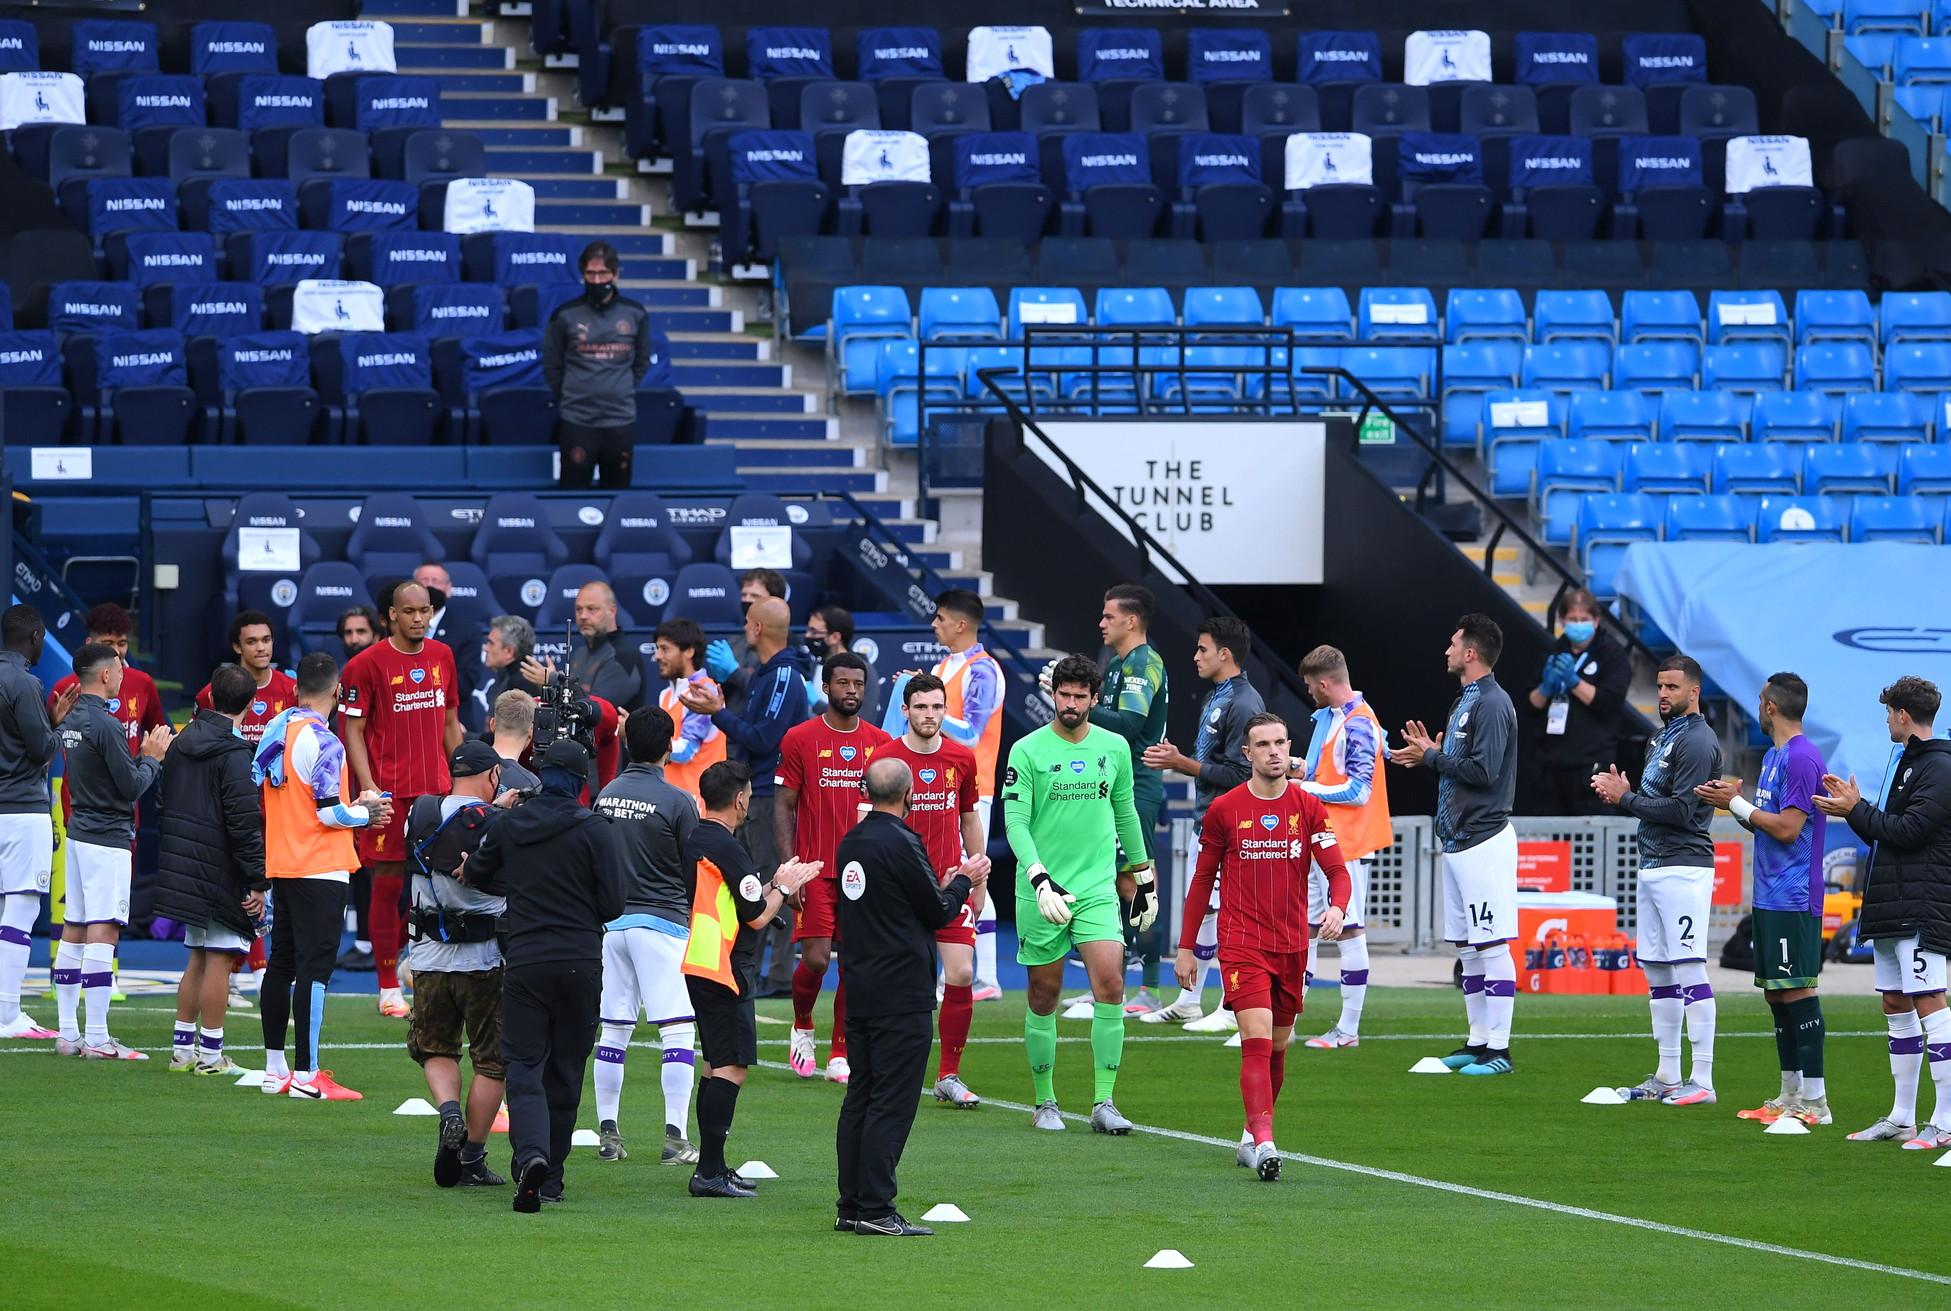 Spettacolo all'Etihad Stadium prima del fischio d'inizio di Manchester City-Liverpool. I Citizens, campioni uscenti della Premier League, hanno reso omaggio durante l'ingresso in campo ai nuovi campioni, il Liverpool. Al momento di entrare in campo, i giocatori di Pep Guardiola si sono schierati ai due lati del tunnel per una passerella d'onore nei confronti dei Reds guidati da Jurgen Klopp, vincitori di una Premier dominata fin dall'inizio.